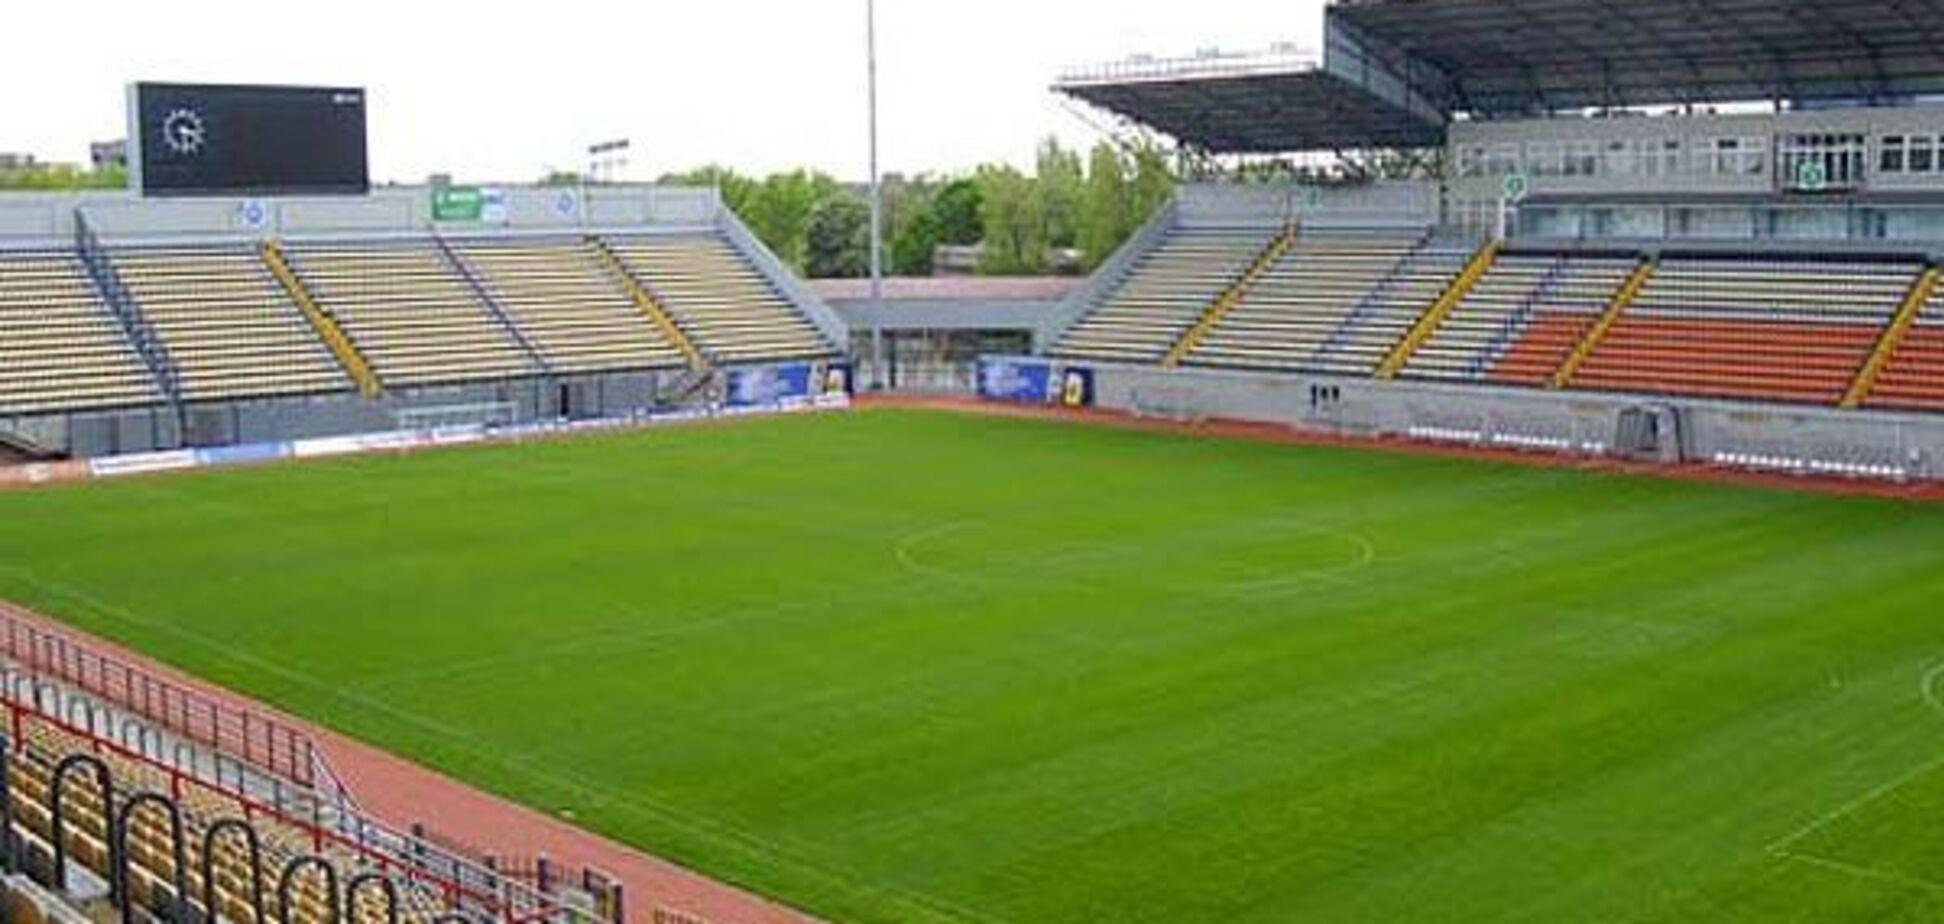 На запорожском стадионе пройдет еще один футбольный матч Лиги Европы